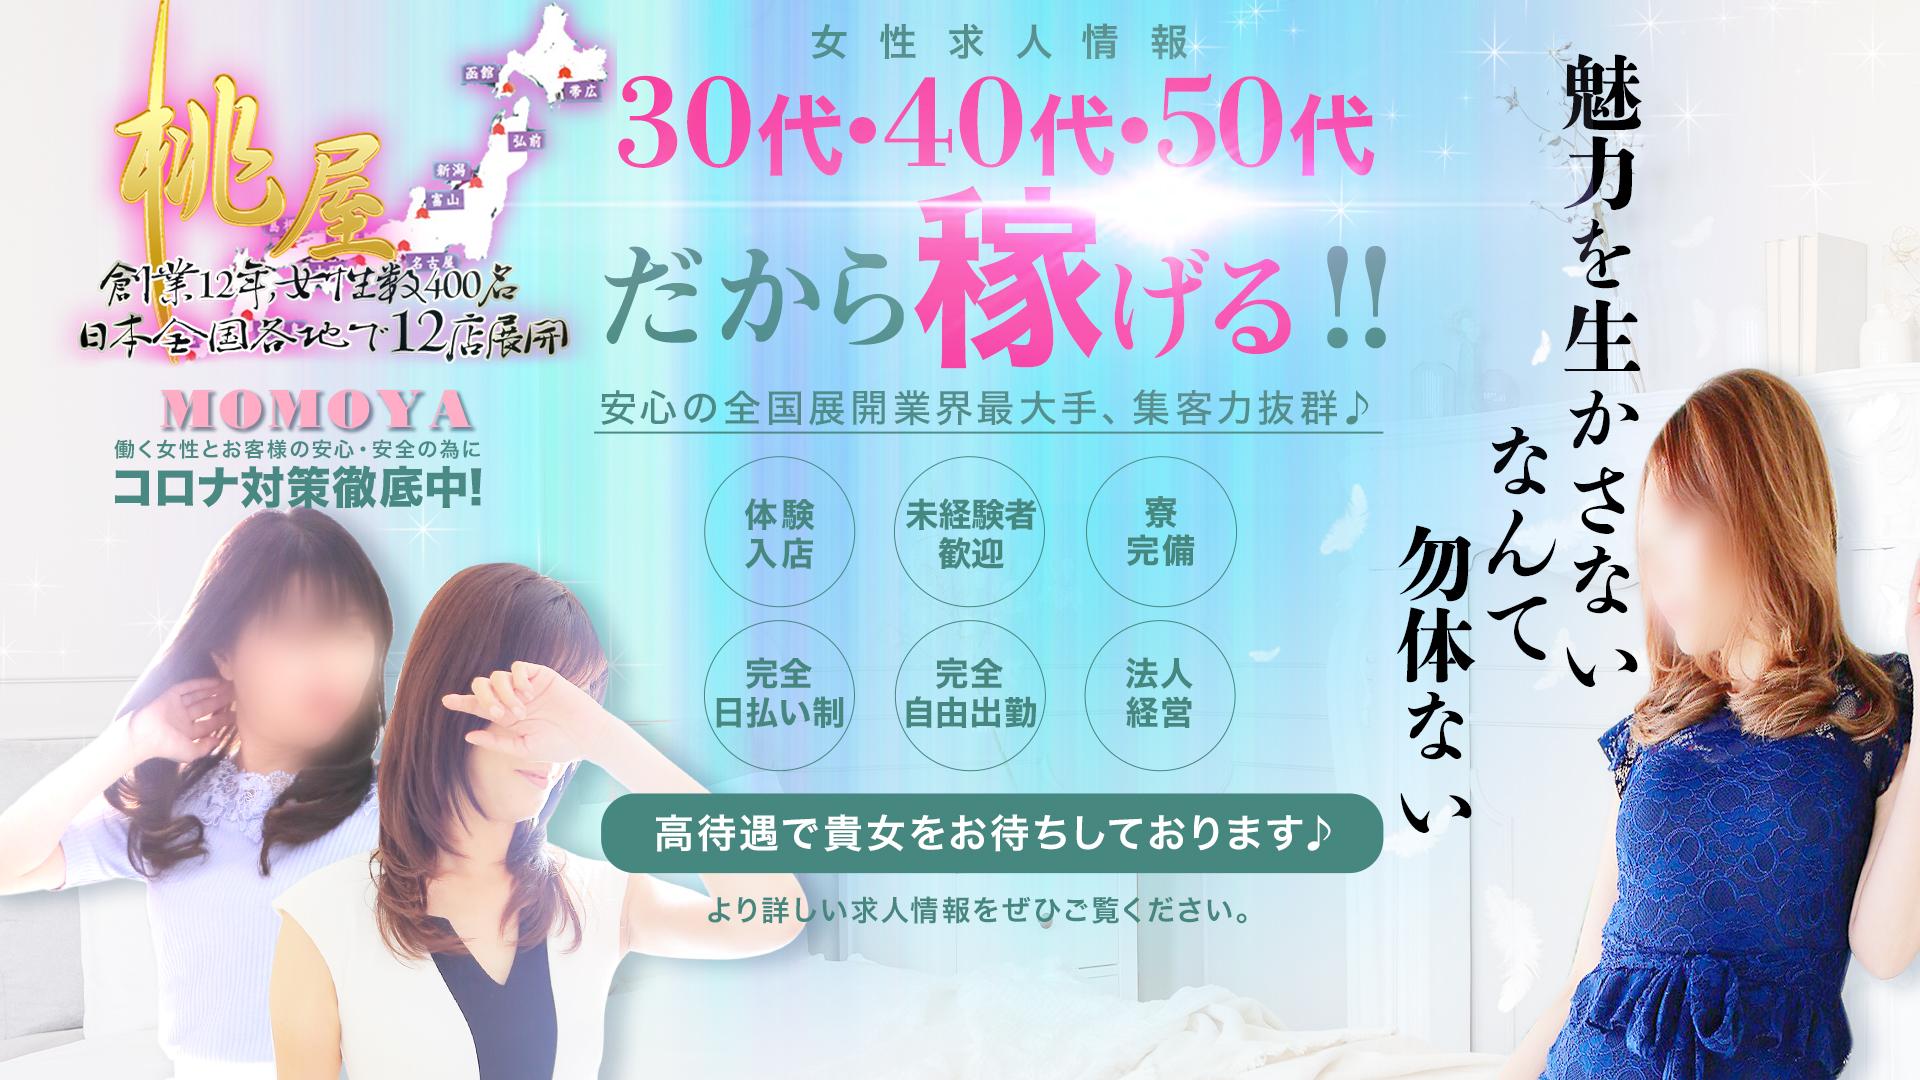 松江 人妻 デリヘル 桃屋の求人画像